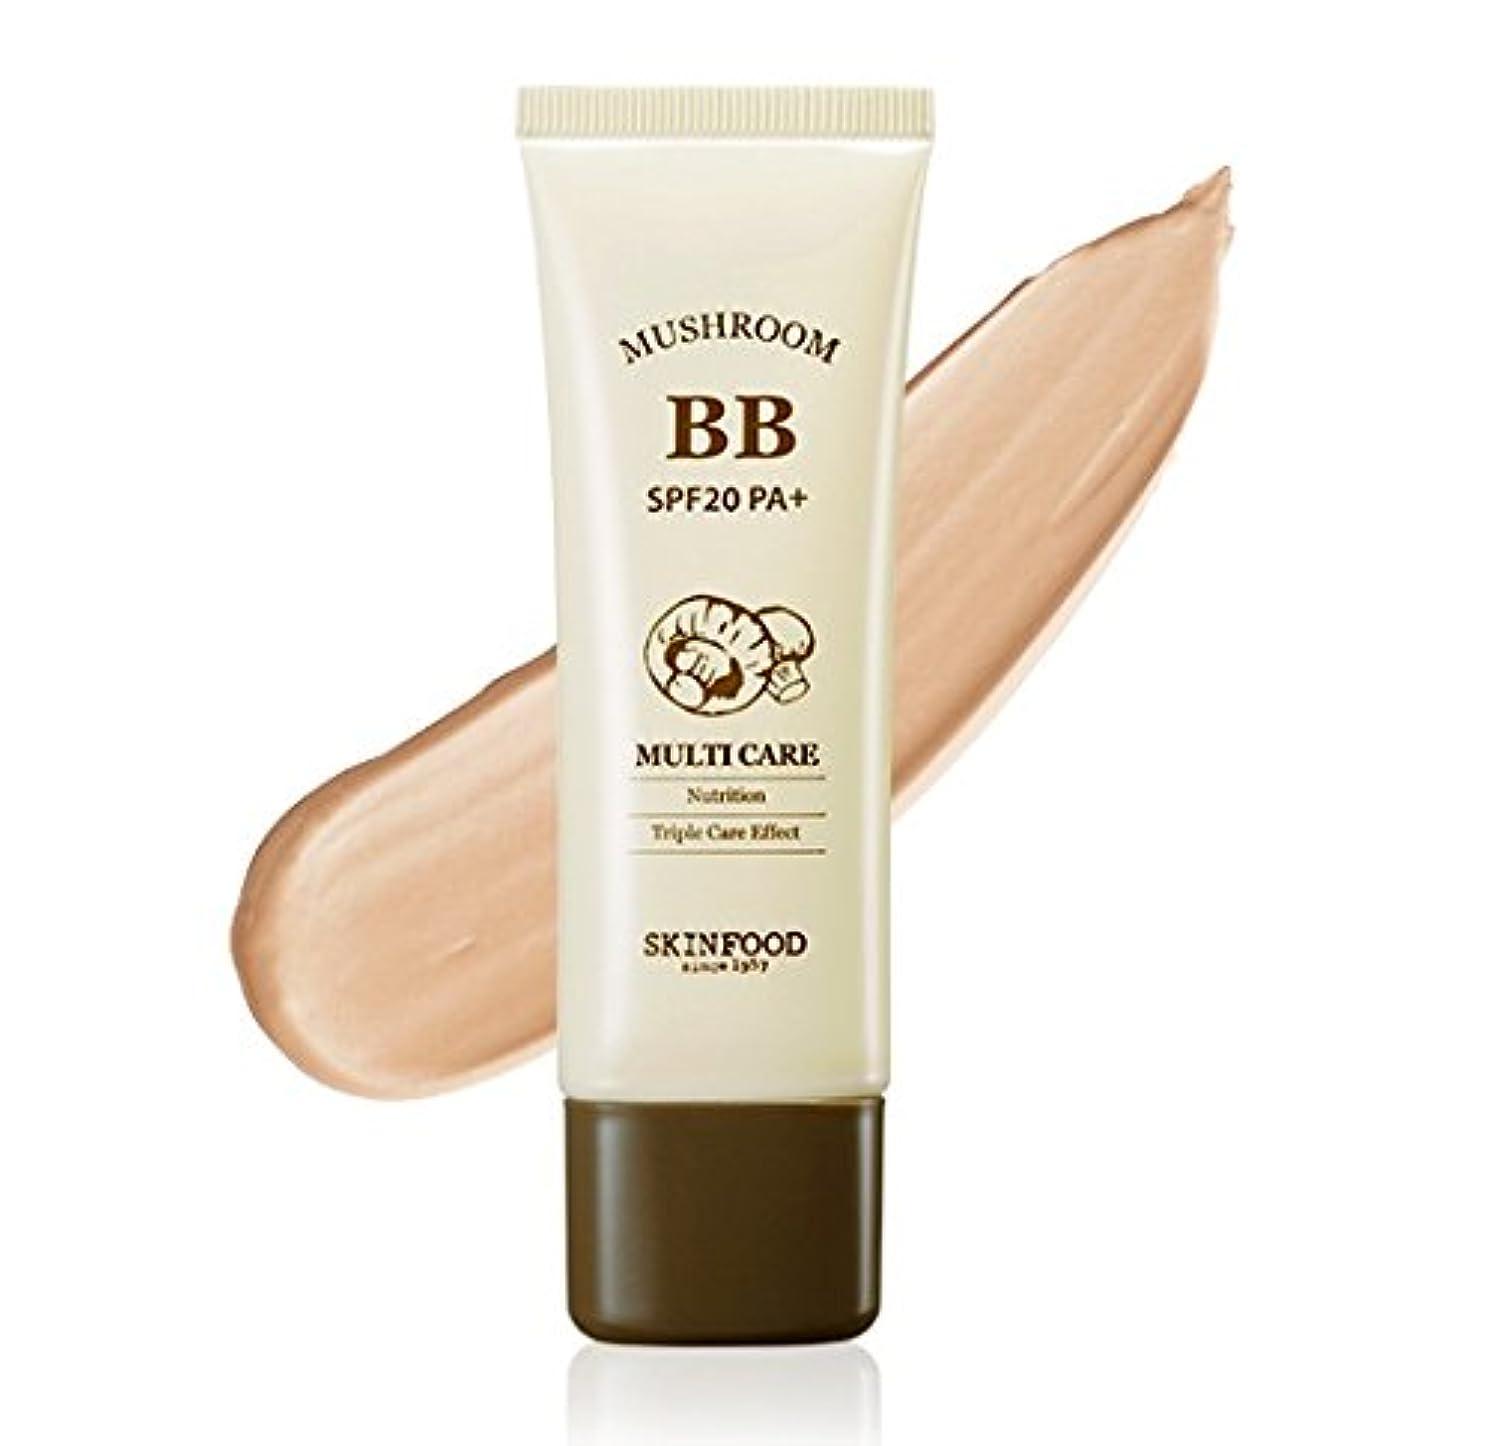 ミル包囲伝染病#Bright skin SKINFOOD Mushroom Multi Care BB Cream スキンフード マッシュルーム マルチケア BB cream クリーム SPF20 PA+ [並行輸入品]